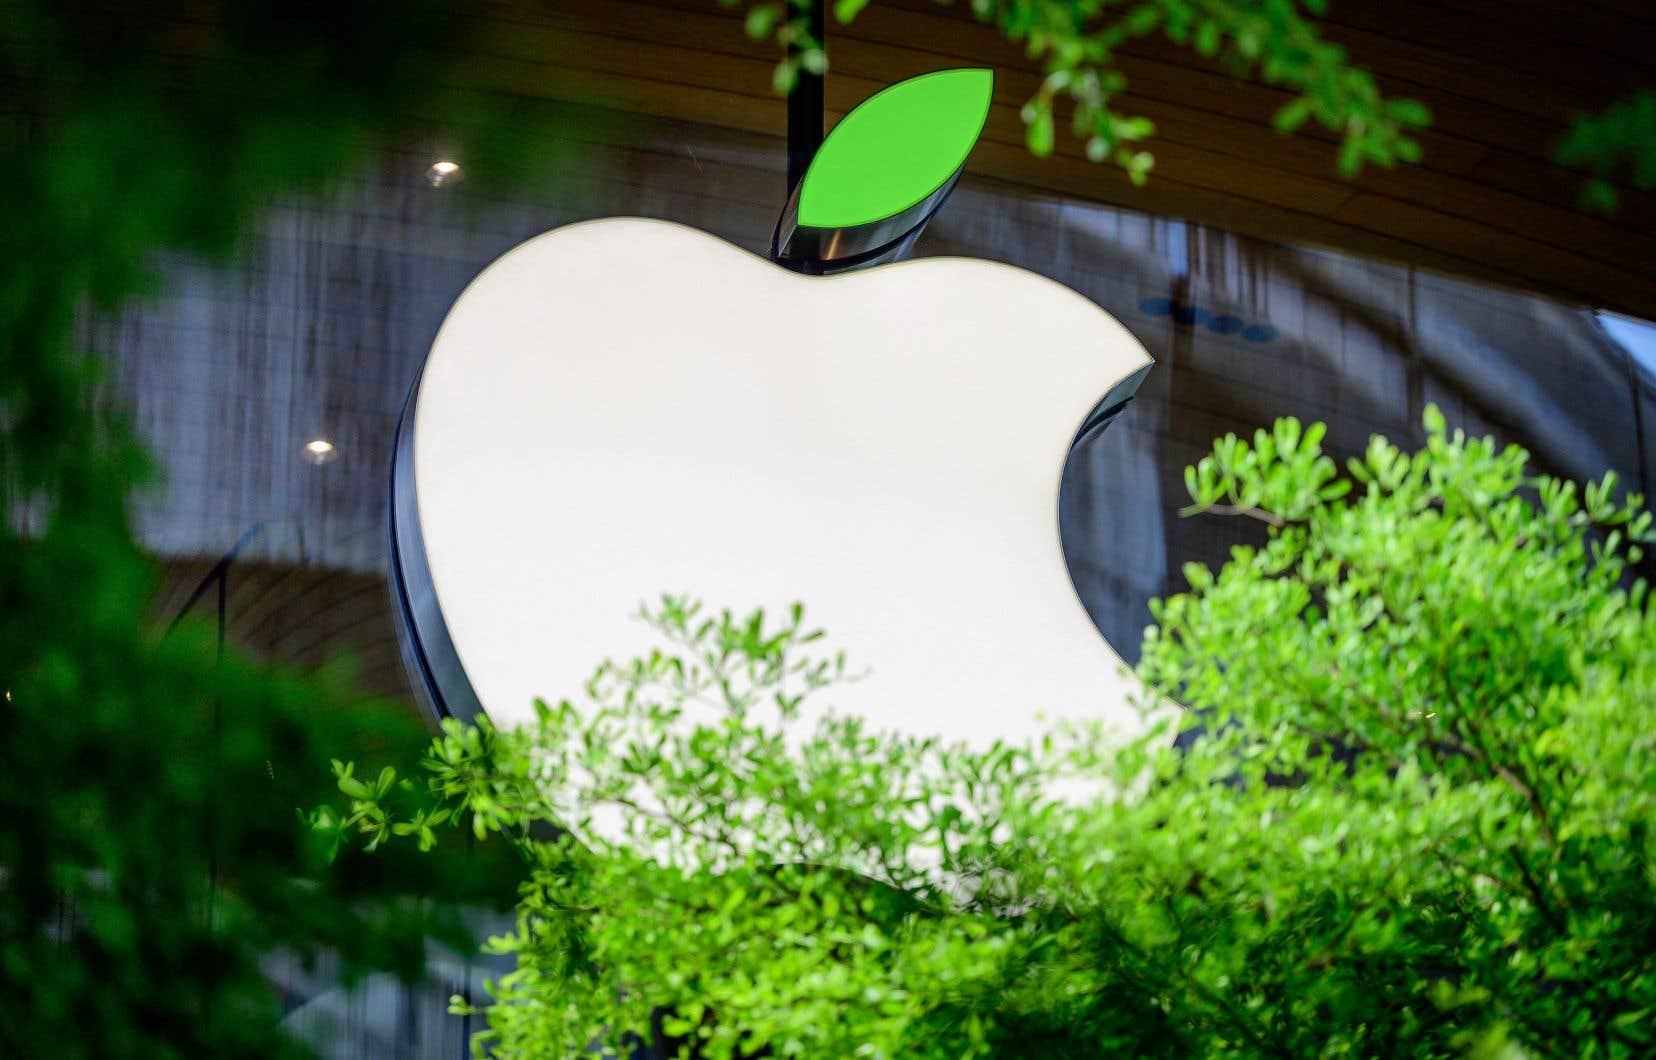 Le fabricant du iPhone a doté un nouveau fonds de 200millions de dollars, pour investir dans des projets forestiers afin d'aider à absorber le carbone qui se trouve dans l'atmosphère.